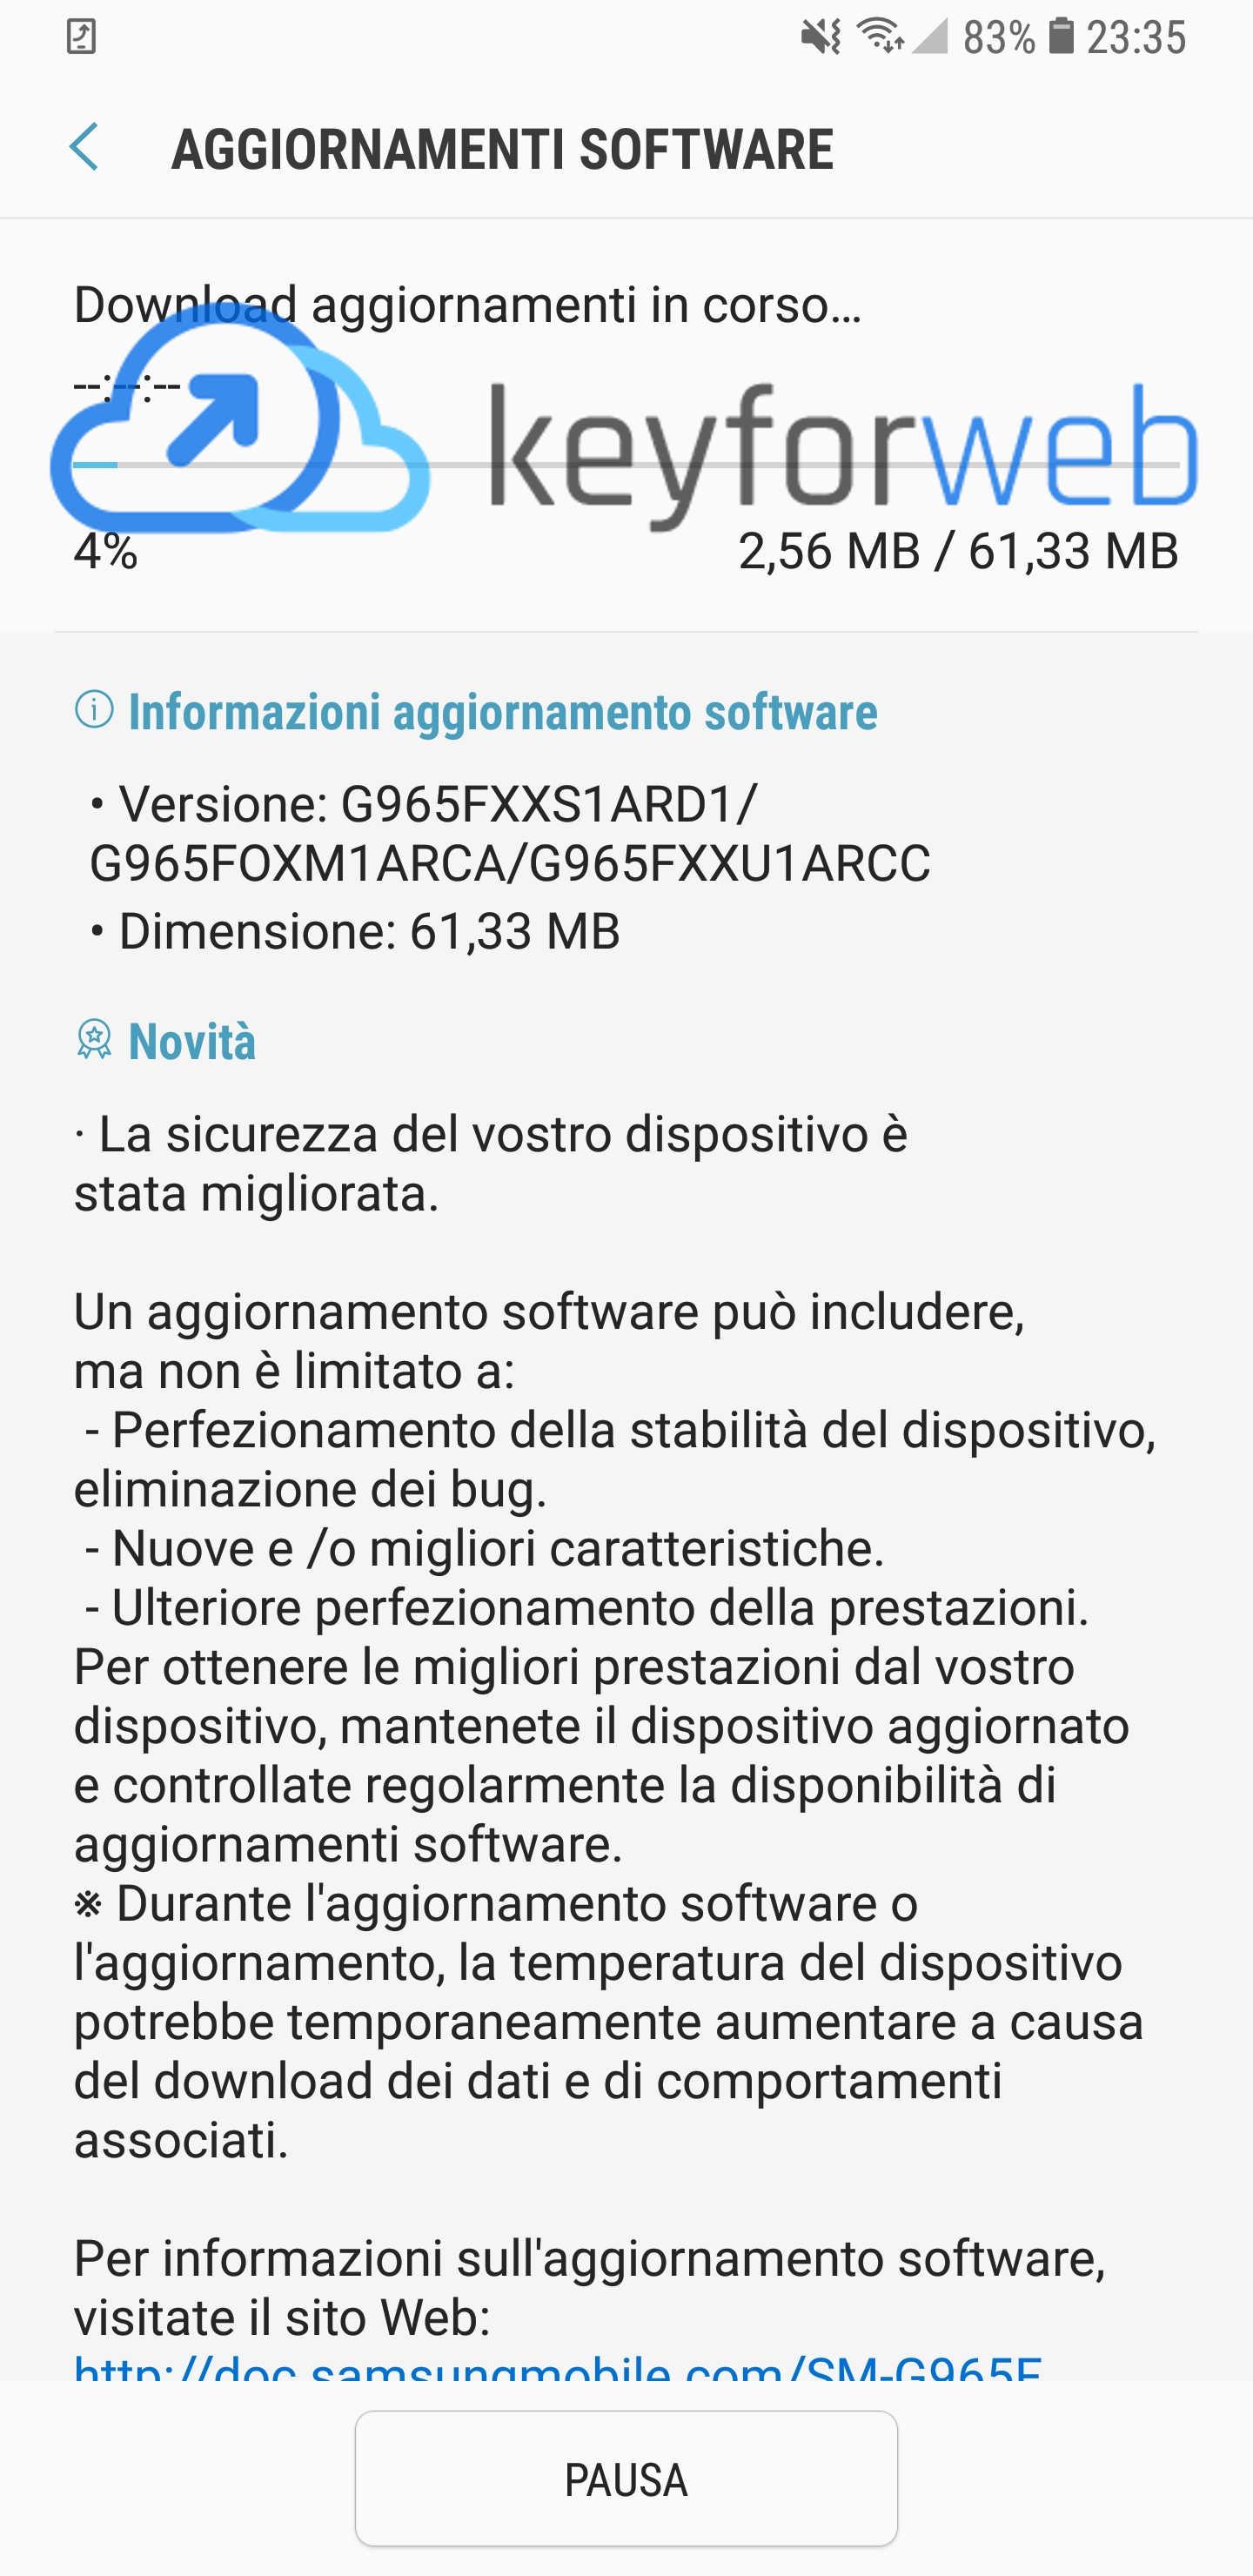 aggiornamento software